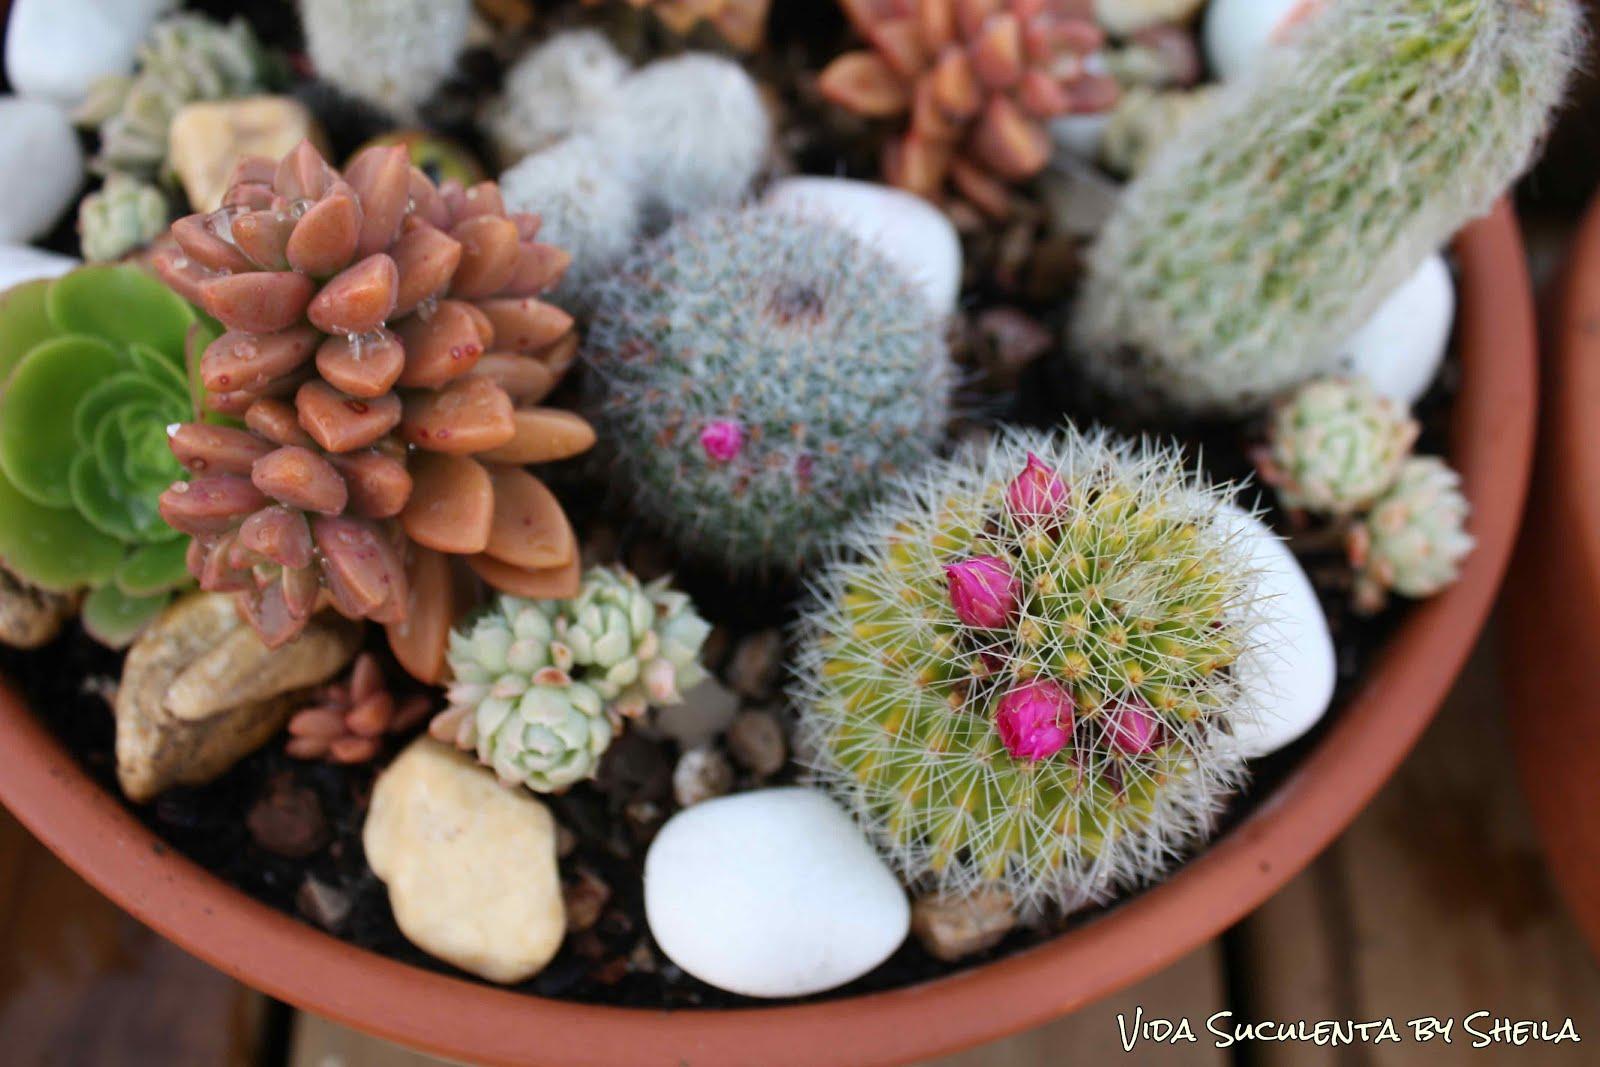 Vida suculenta 13 dicas essenciais para cultivar cactos e for Como plantar cactus